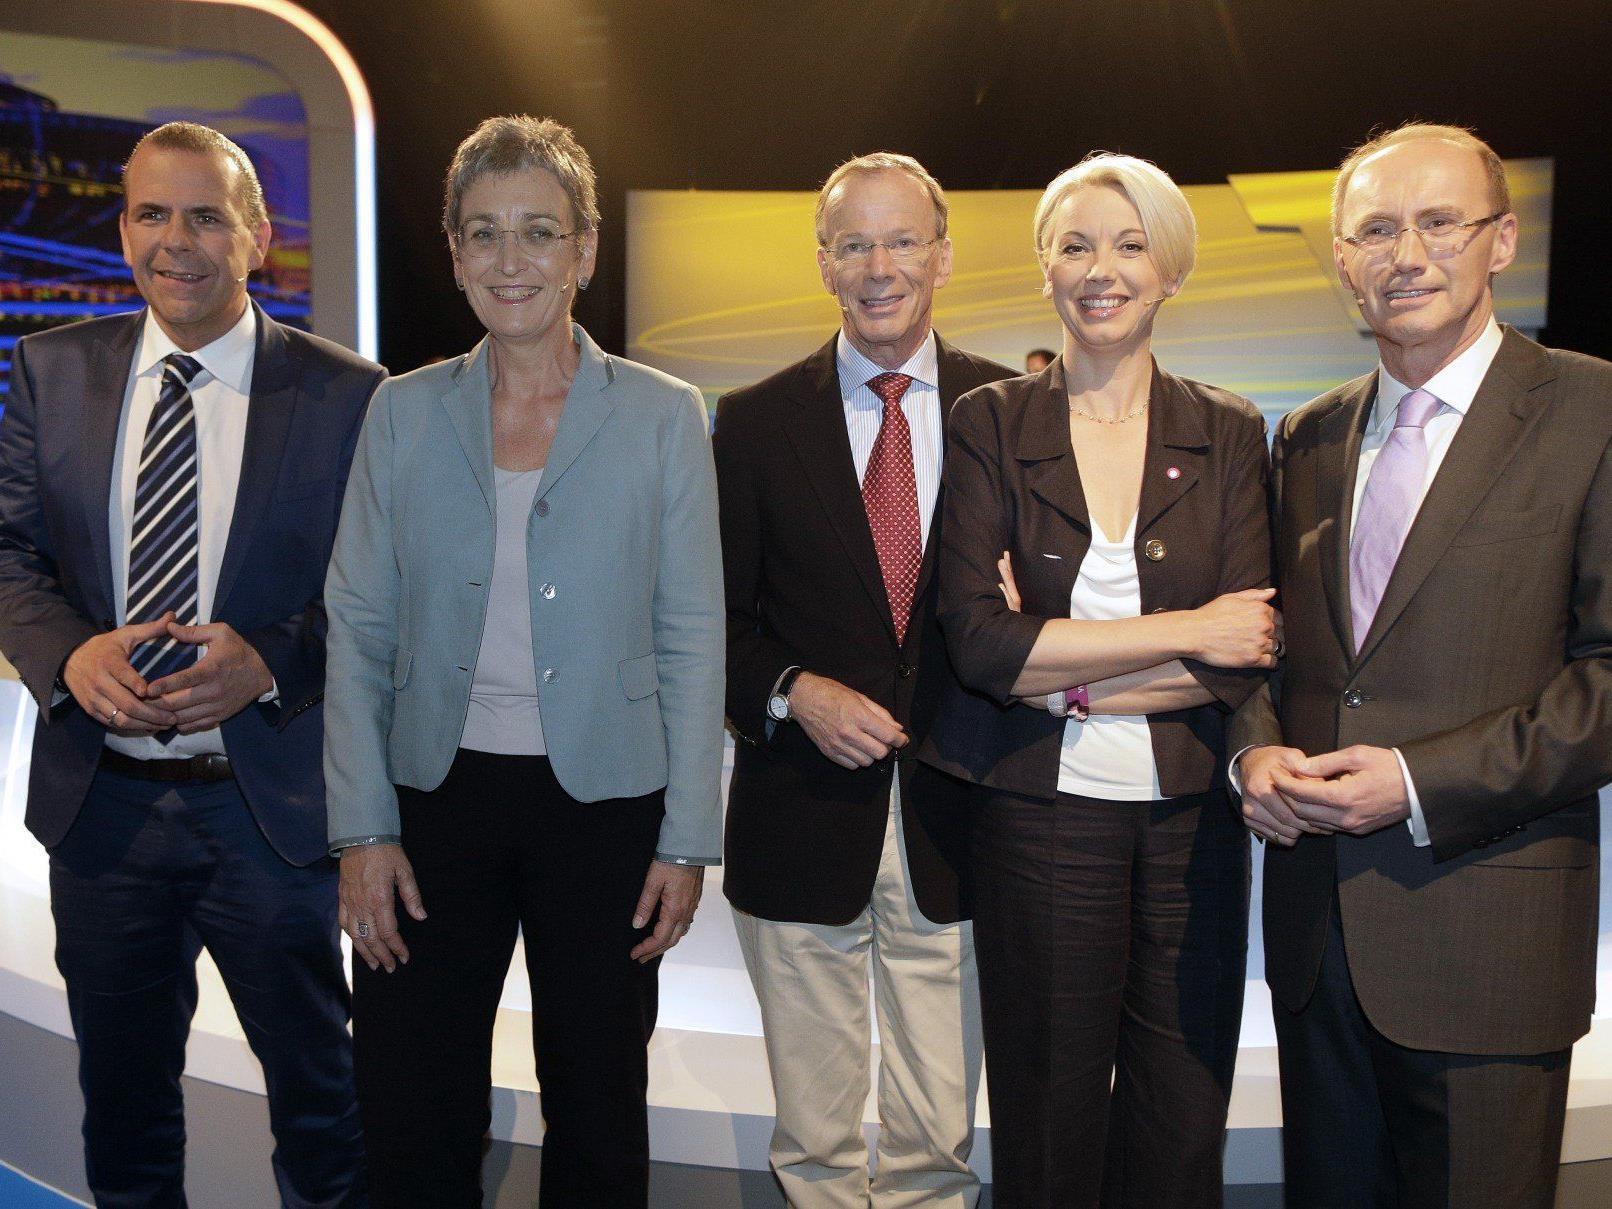 Vor der Europawahl: Der TV-Marathon der Spitzenkandidaten wurde beendet.